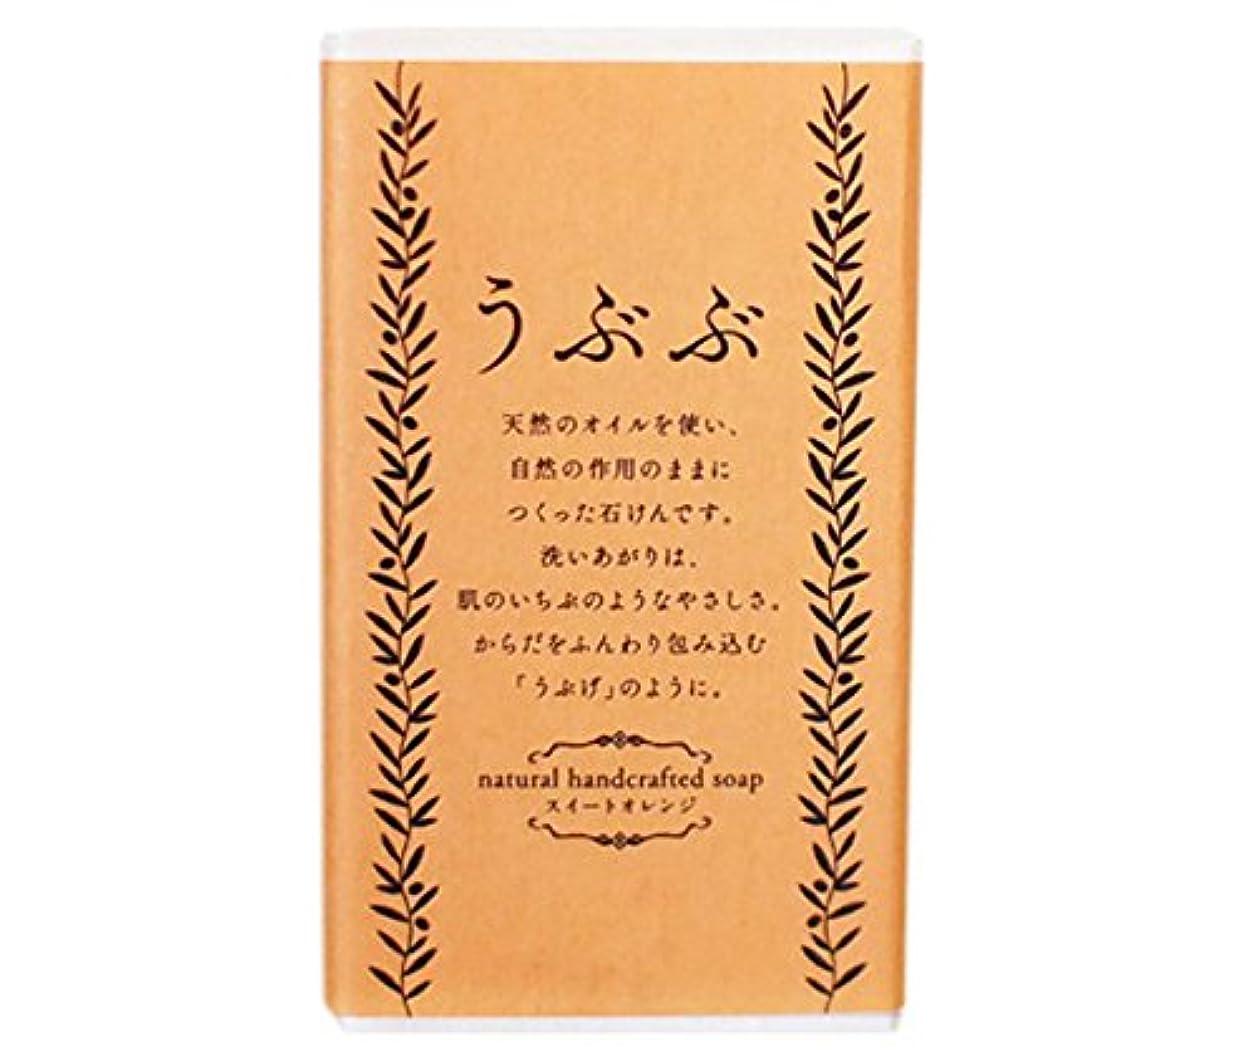 ばか均等に最近うぶぶ 石けん natural handcrafted soap スイートオレンジ